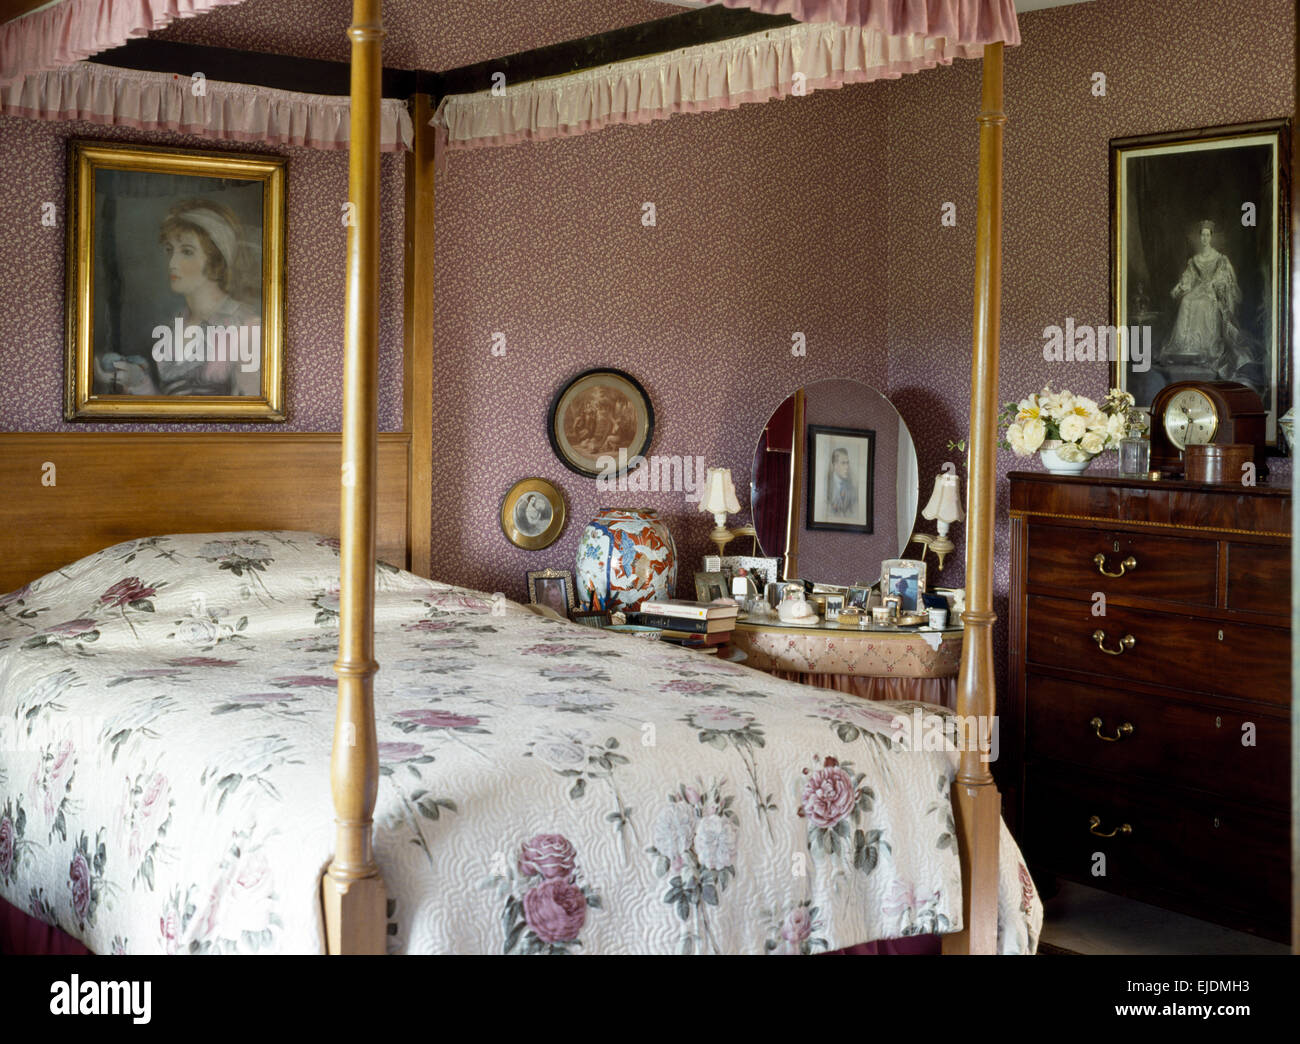 Rosa Tapete Und Antiken Himmelbett Mit Lila Rose Gemusterter Quilt In  Achtziger Jahre Land Schlafzimmer